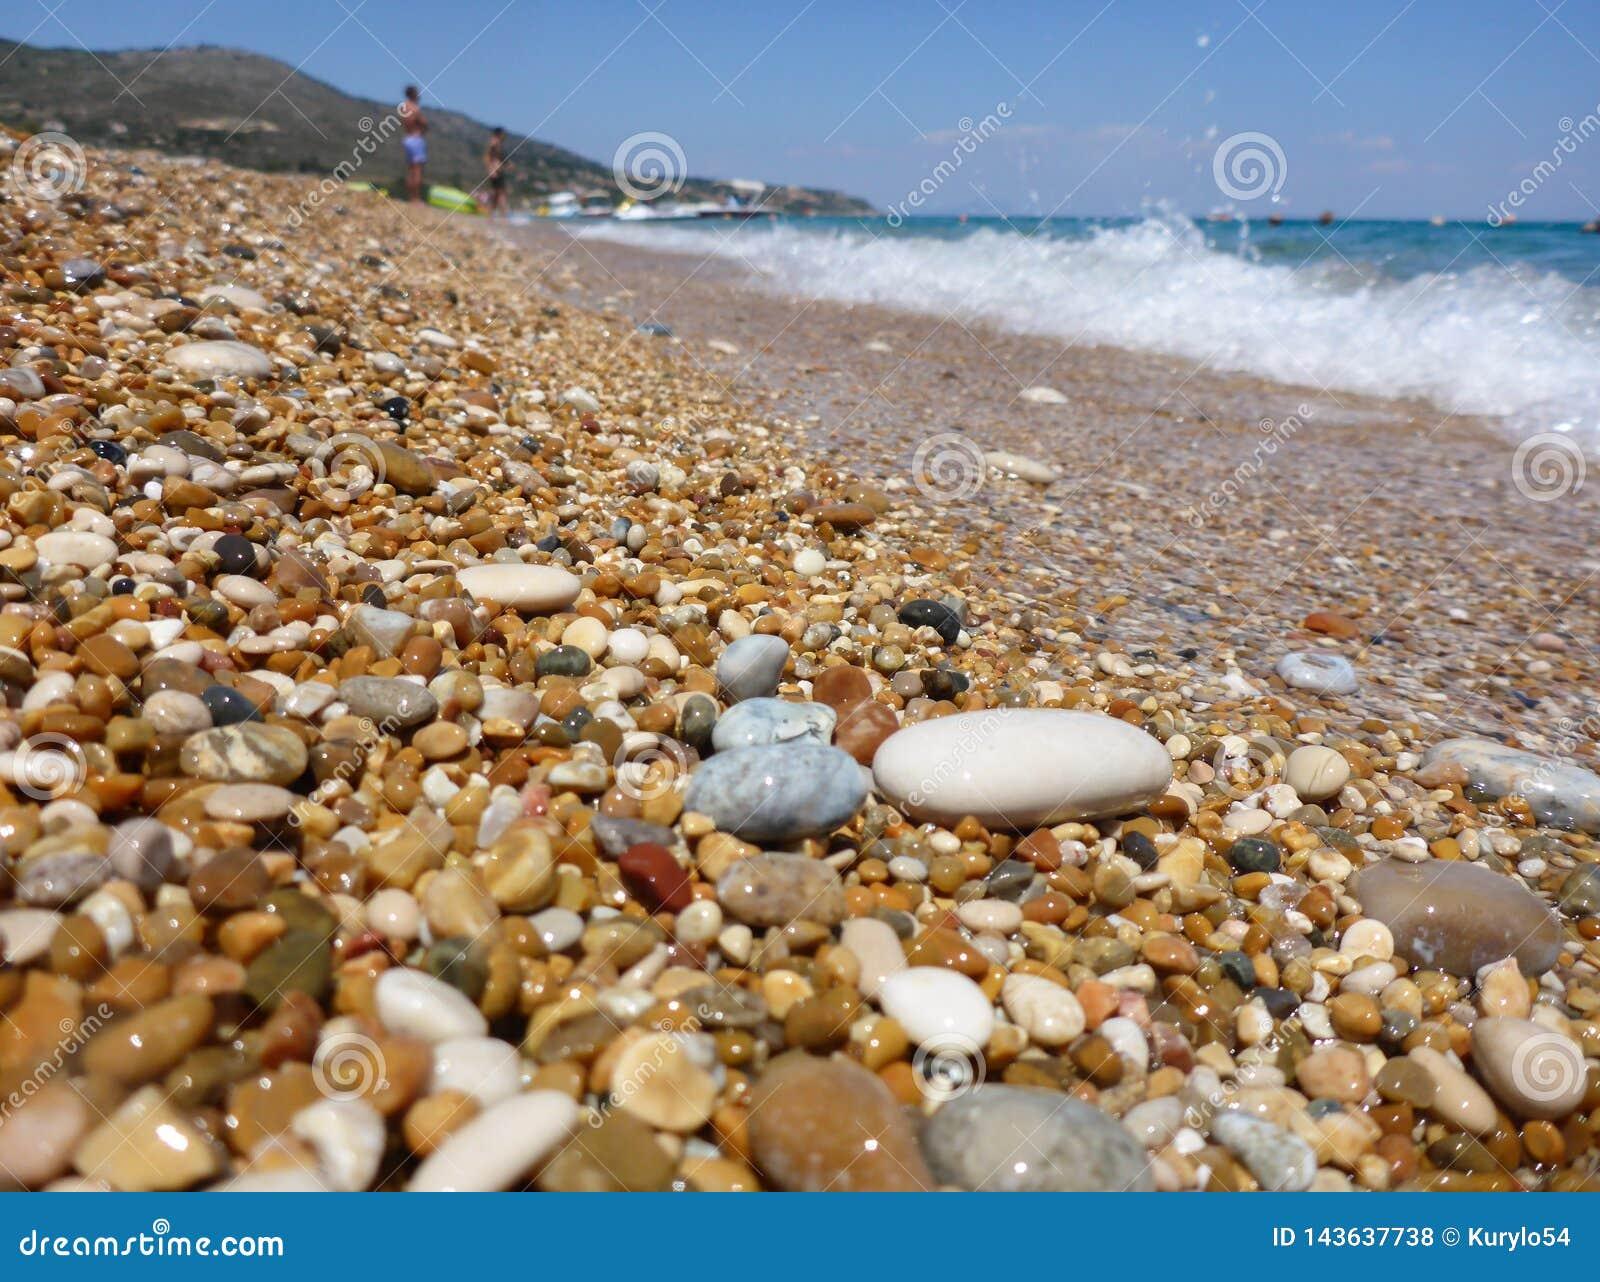 Ciottoli misti con la sabbia di bella spiaggia di Skala, isola di Kefalonia, mare ionico, Grecia